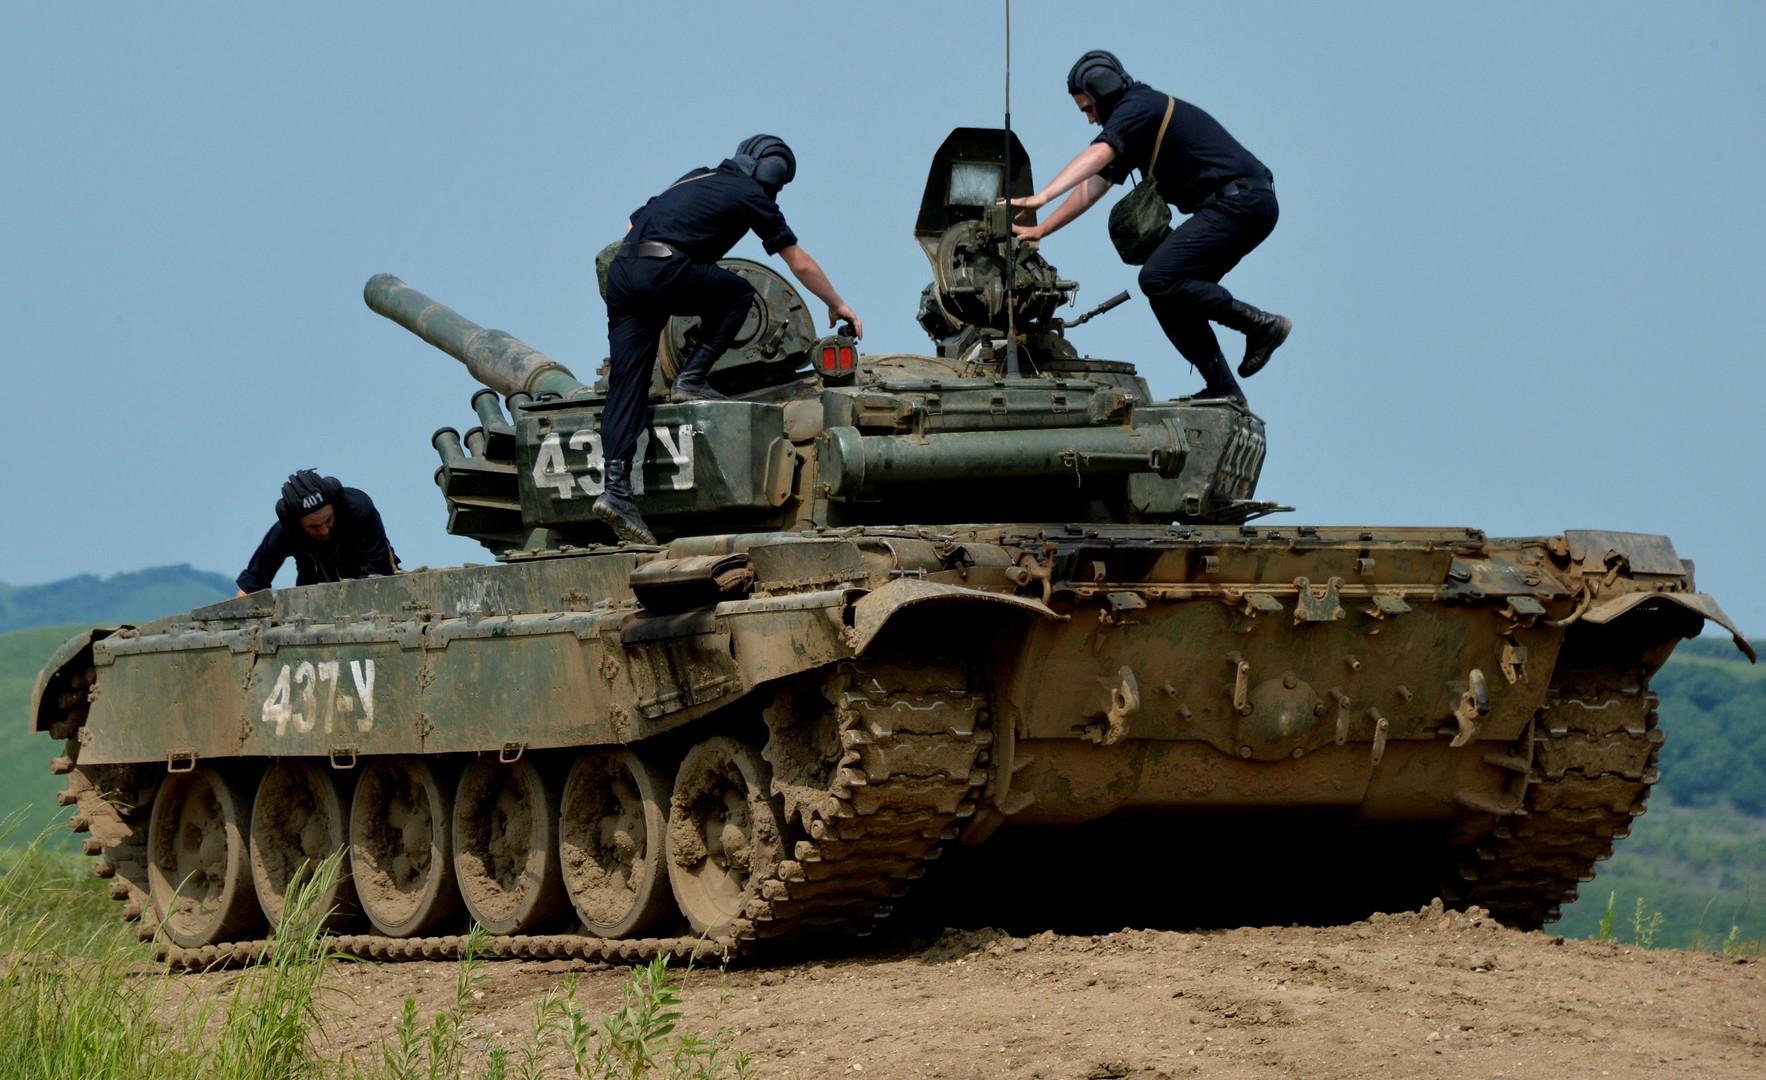 Экипаж танка Т-72 занимает свои места перед стрельбой на полигоне Сергеевский в Приморском крае. Индийская военная делегация прибыла в 5-ю общевойсковую армию с целью подготовки совместных российско-индийских учений сухопутных войск «Индра-2016».